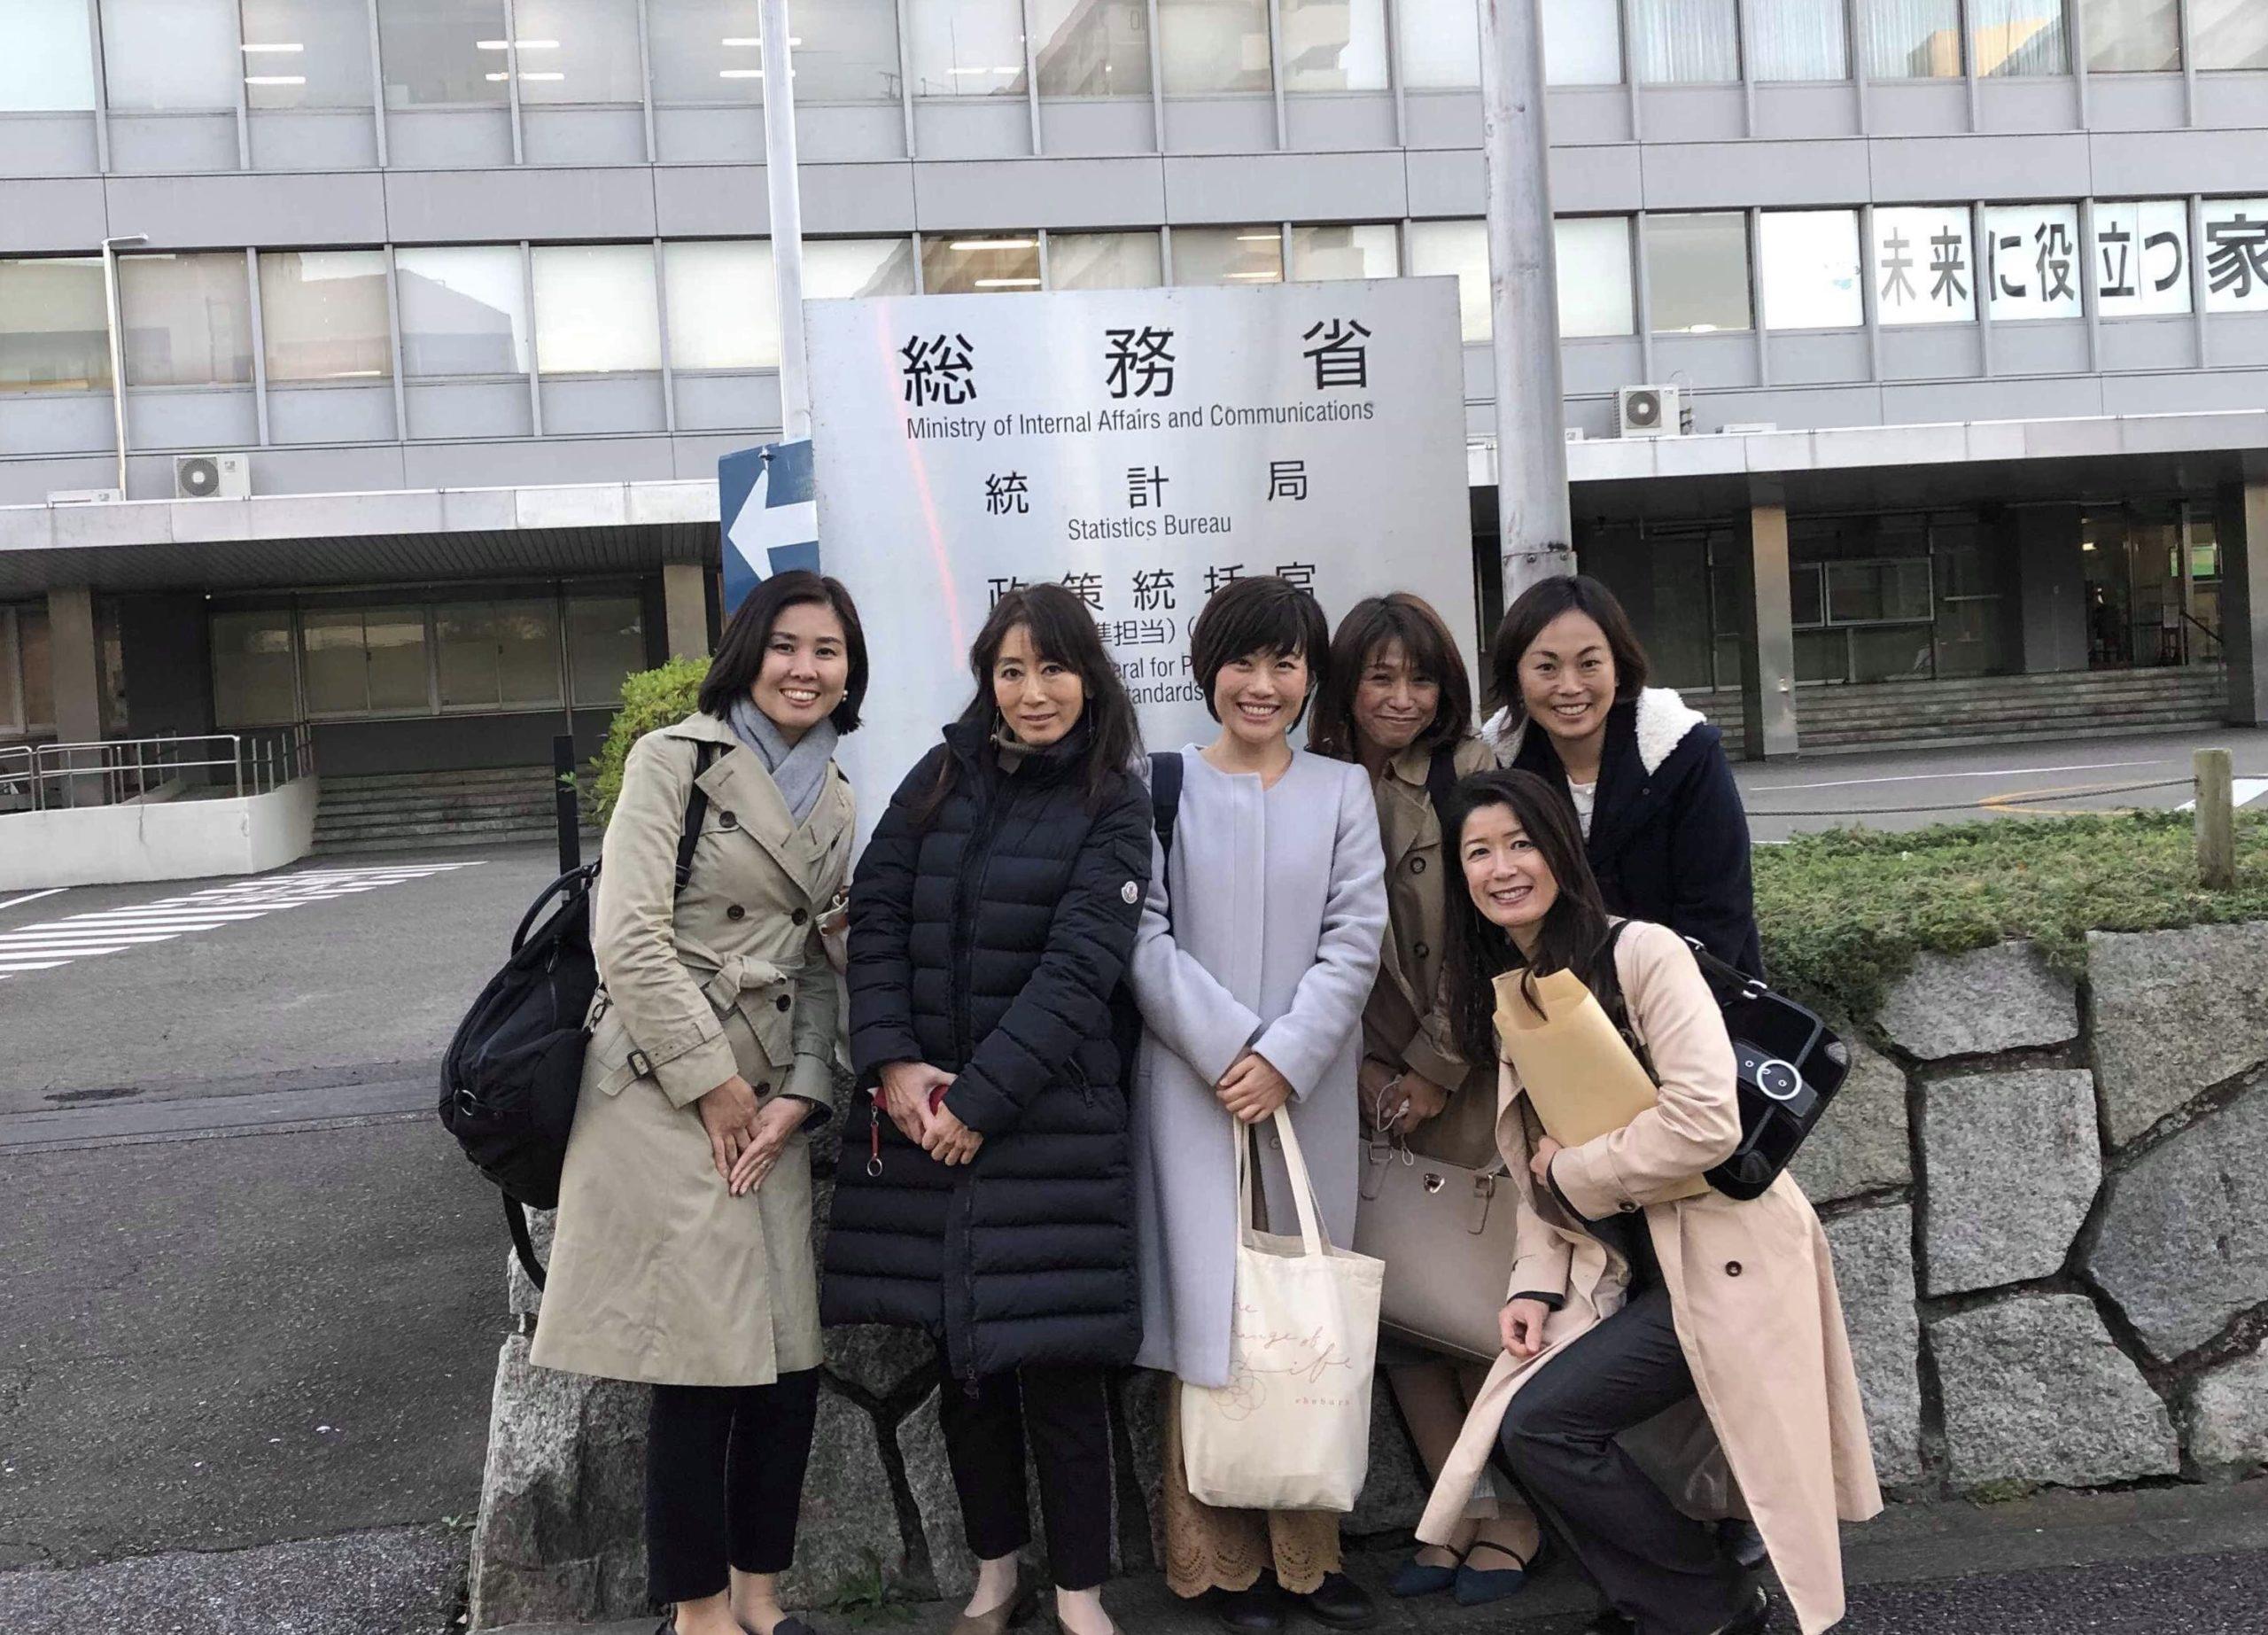 総務省での男女の更年期講座(ちぇぶら)